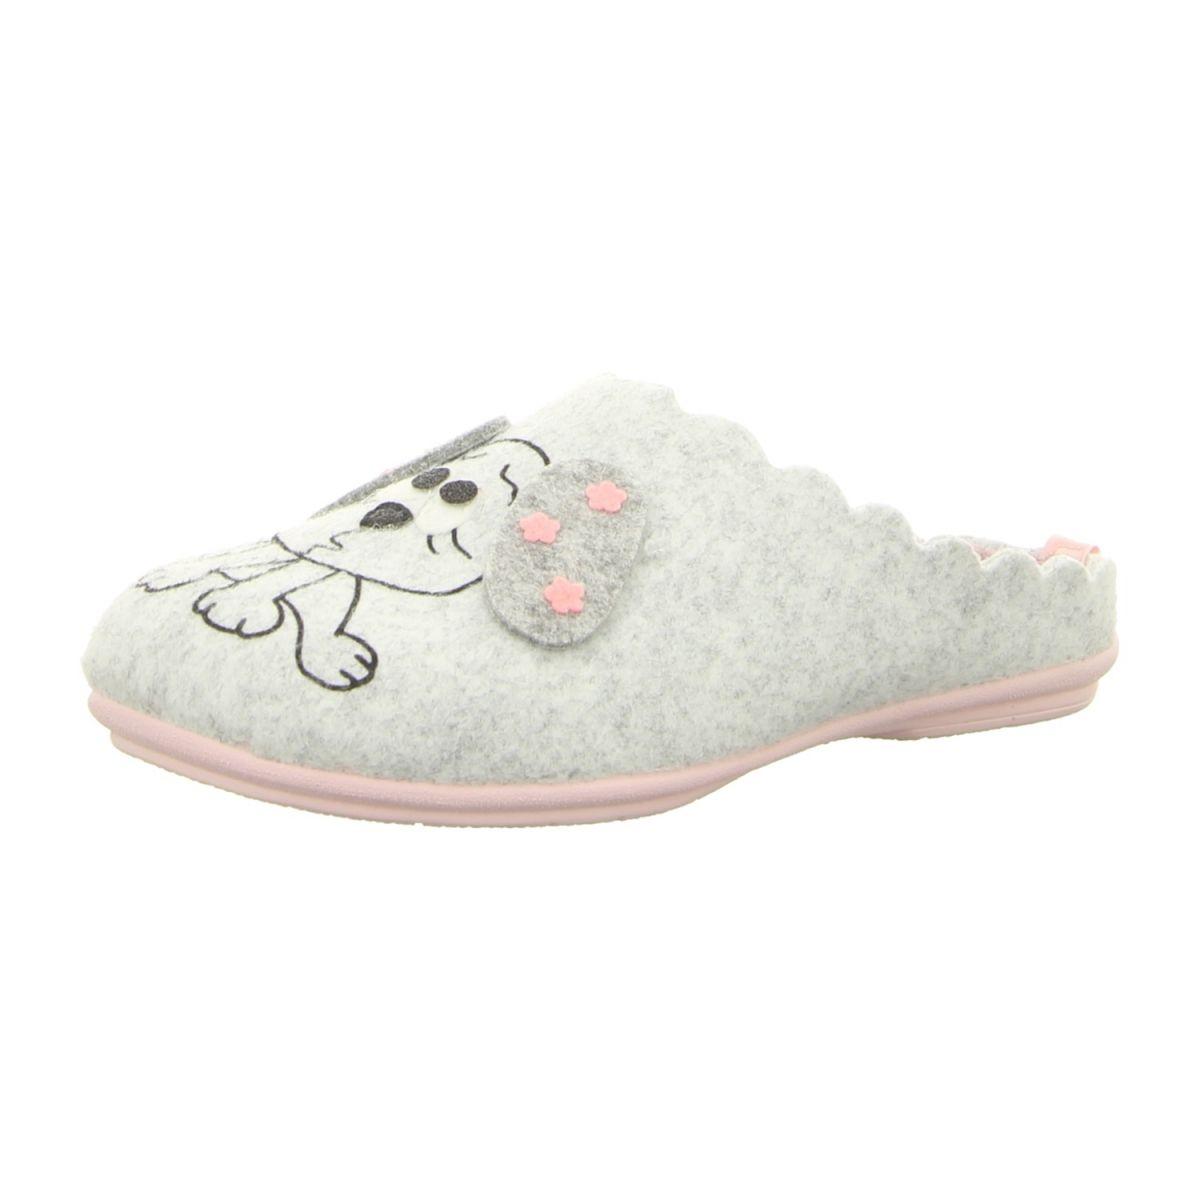 NEU: Manitu Hausschuhe 320507 9 grau   Schuhe damen